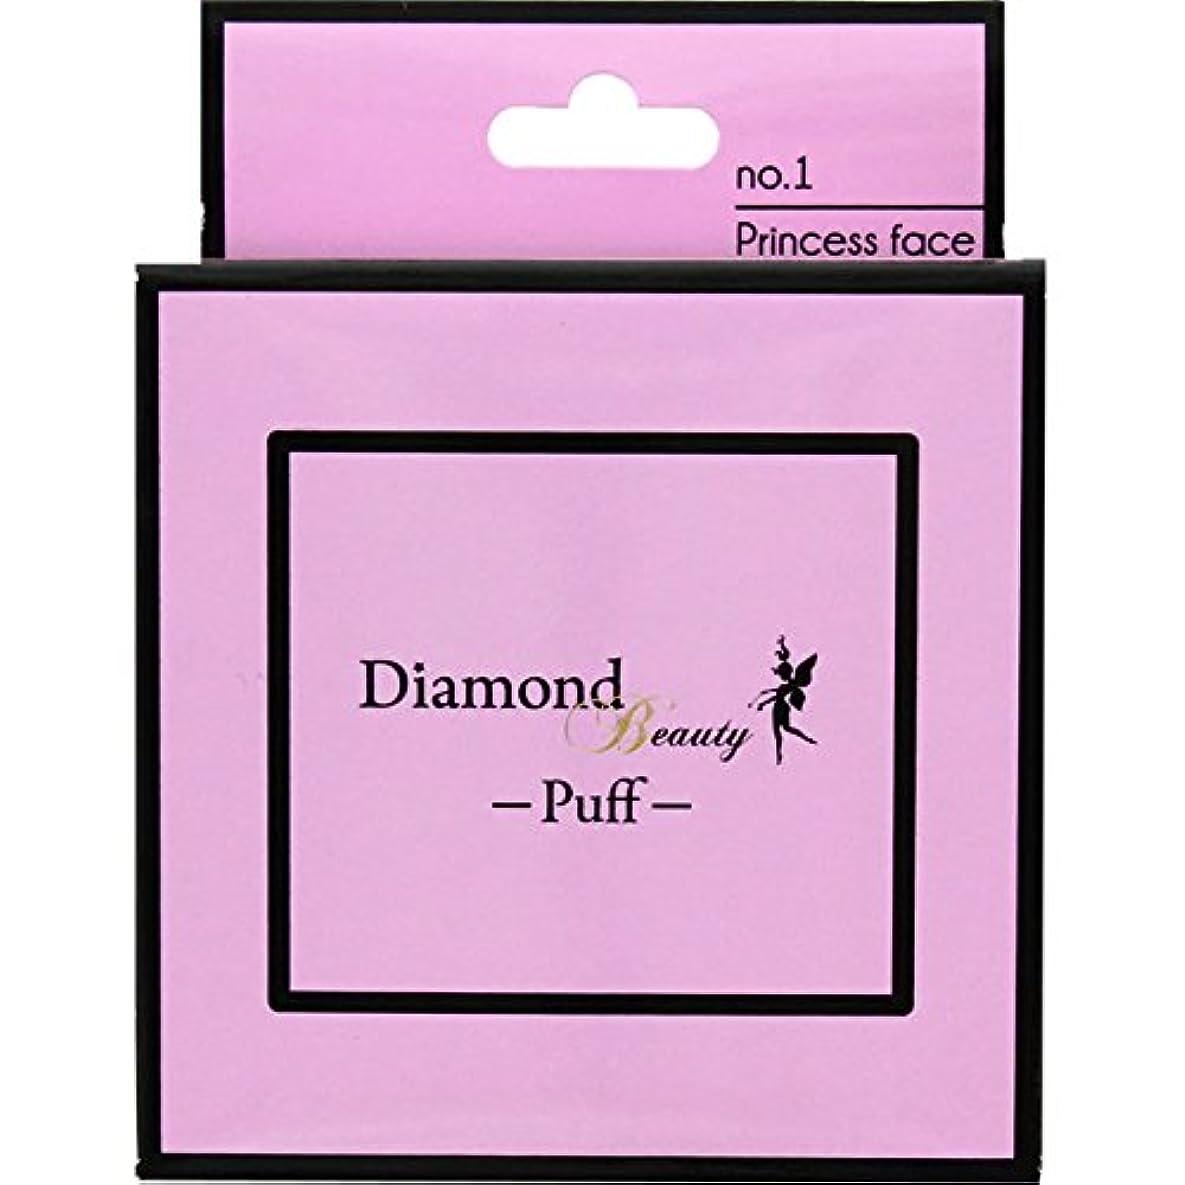 タンザニア絶縁するに変わるダイヤモンドビューティー パフ 01 プリンセスフェイス